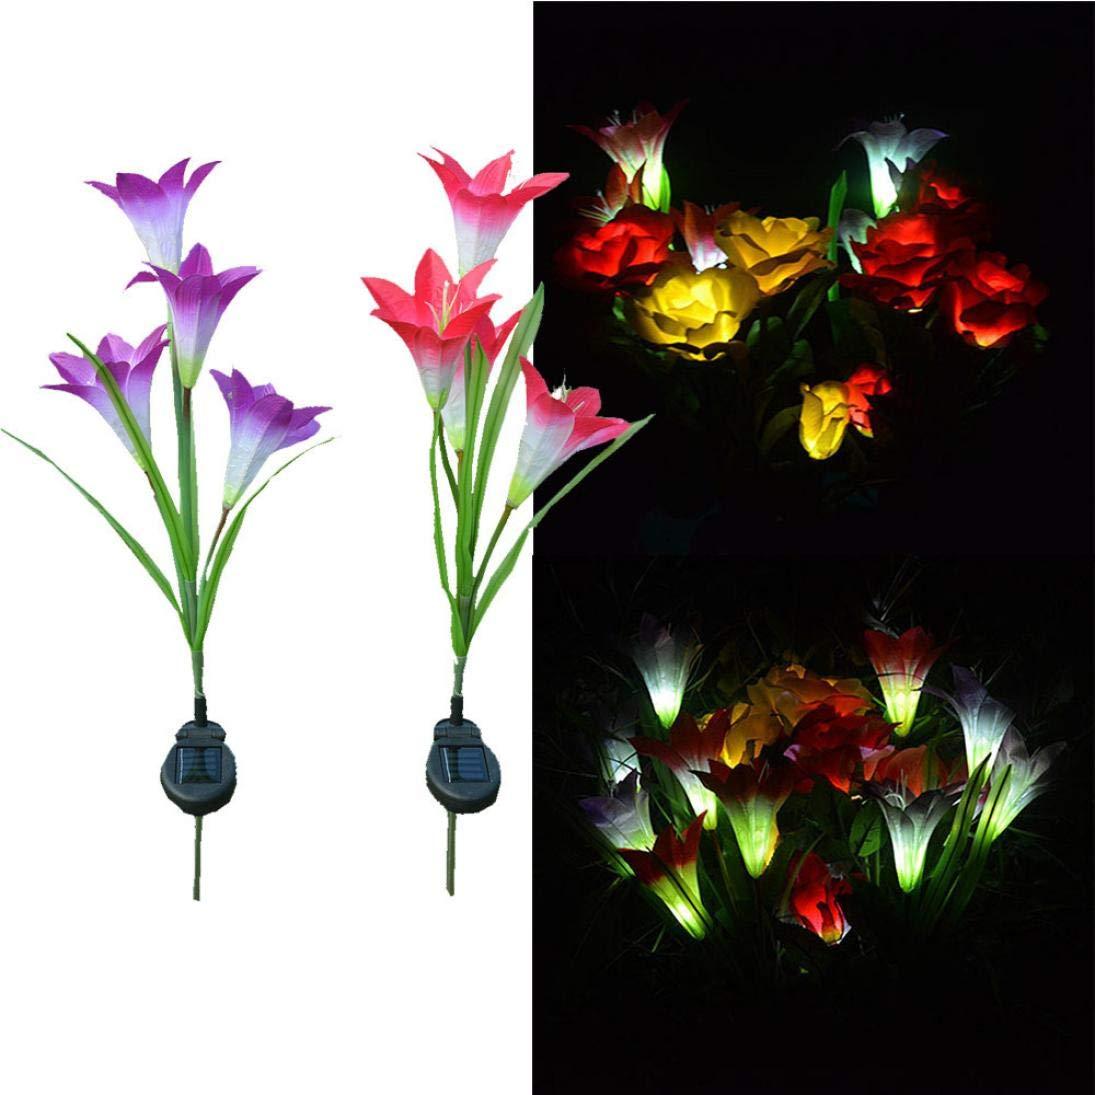 Quaanti 2 Pcs Home Garden Solar Light Lily Flower Solar Powered Garden Stake Light Multi-Color Change LED Light Solar Flower Lamp (Red,Purple)